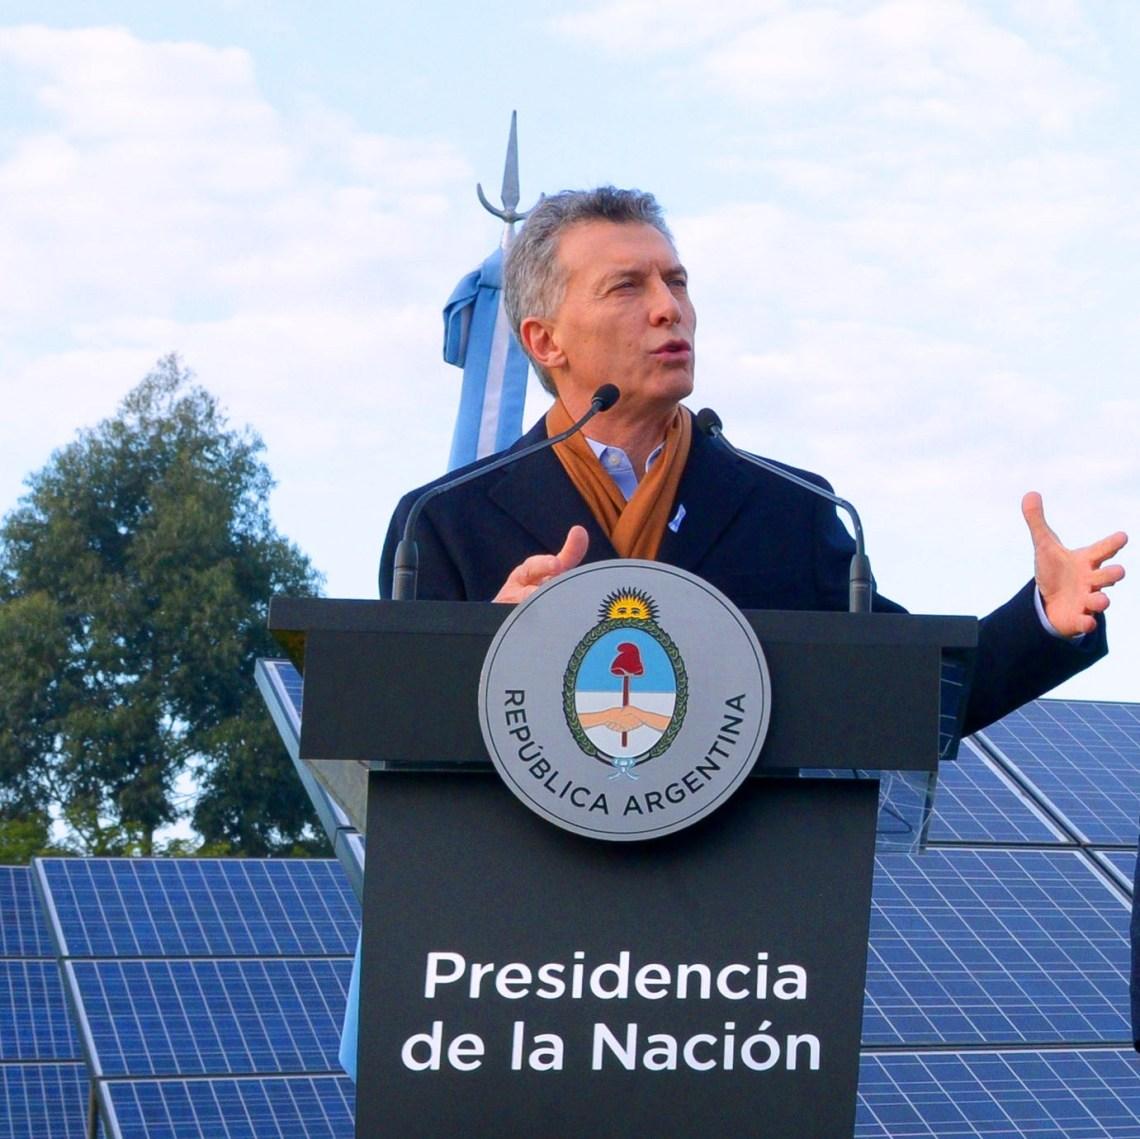 Energa_renovable (1)